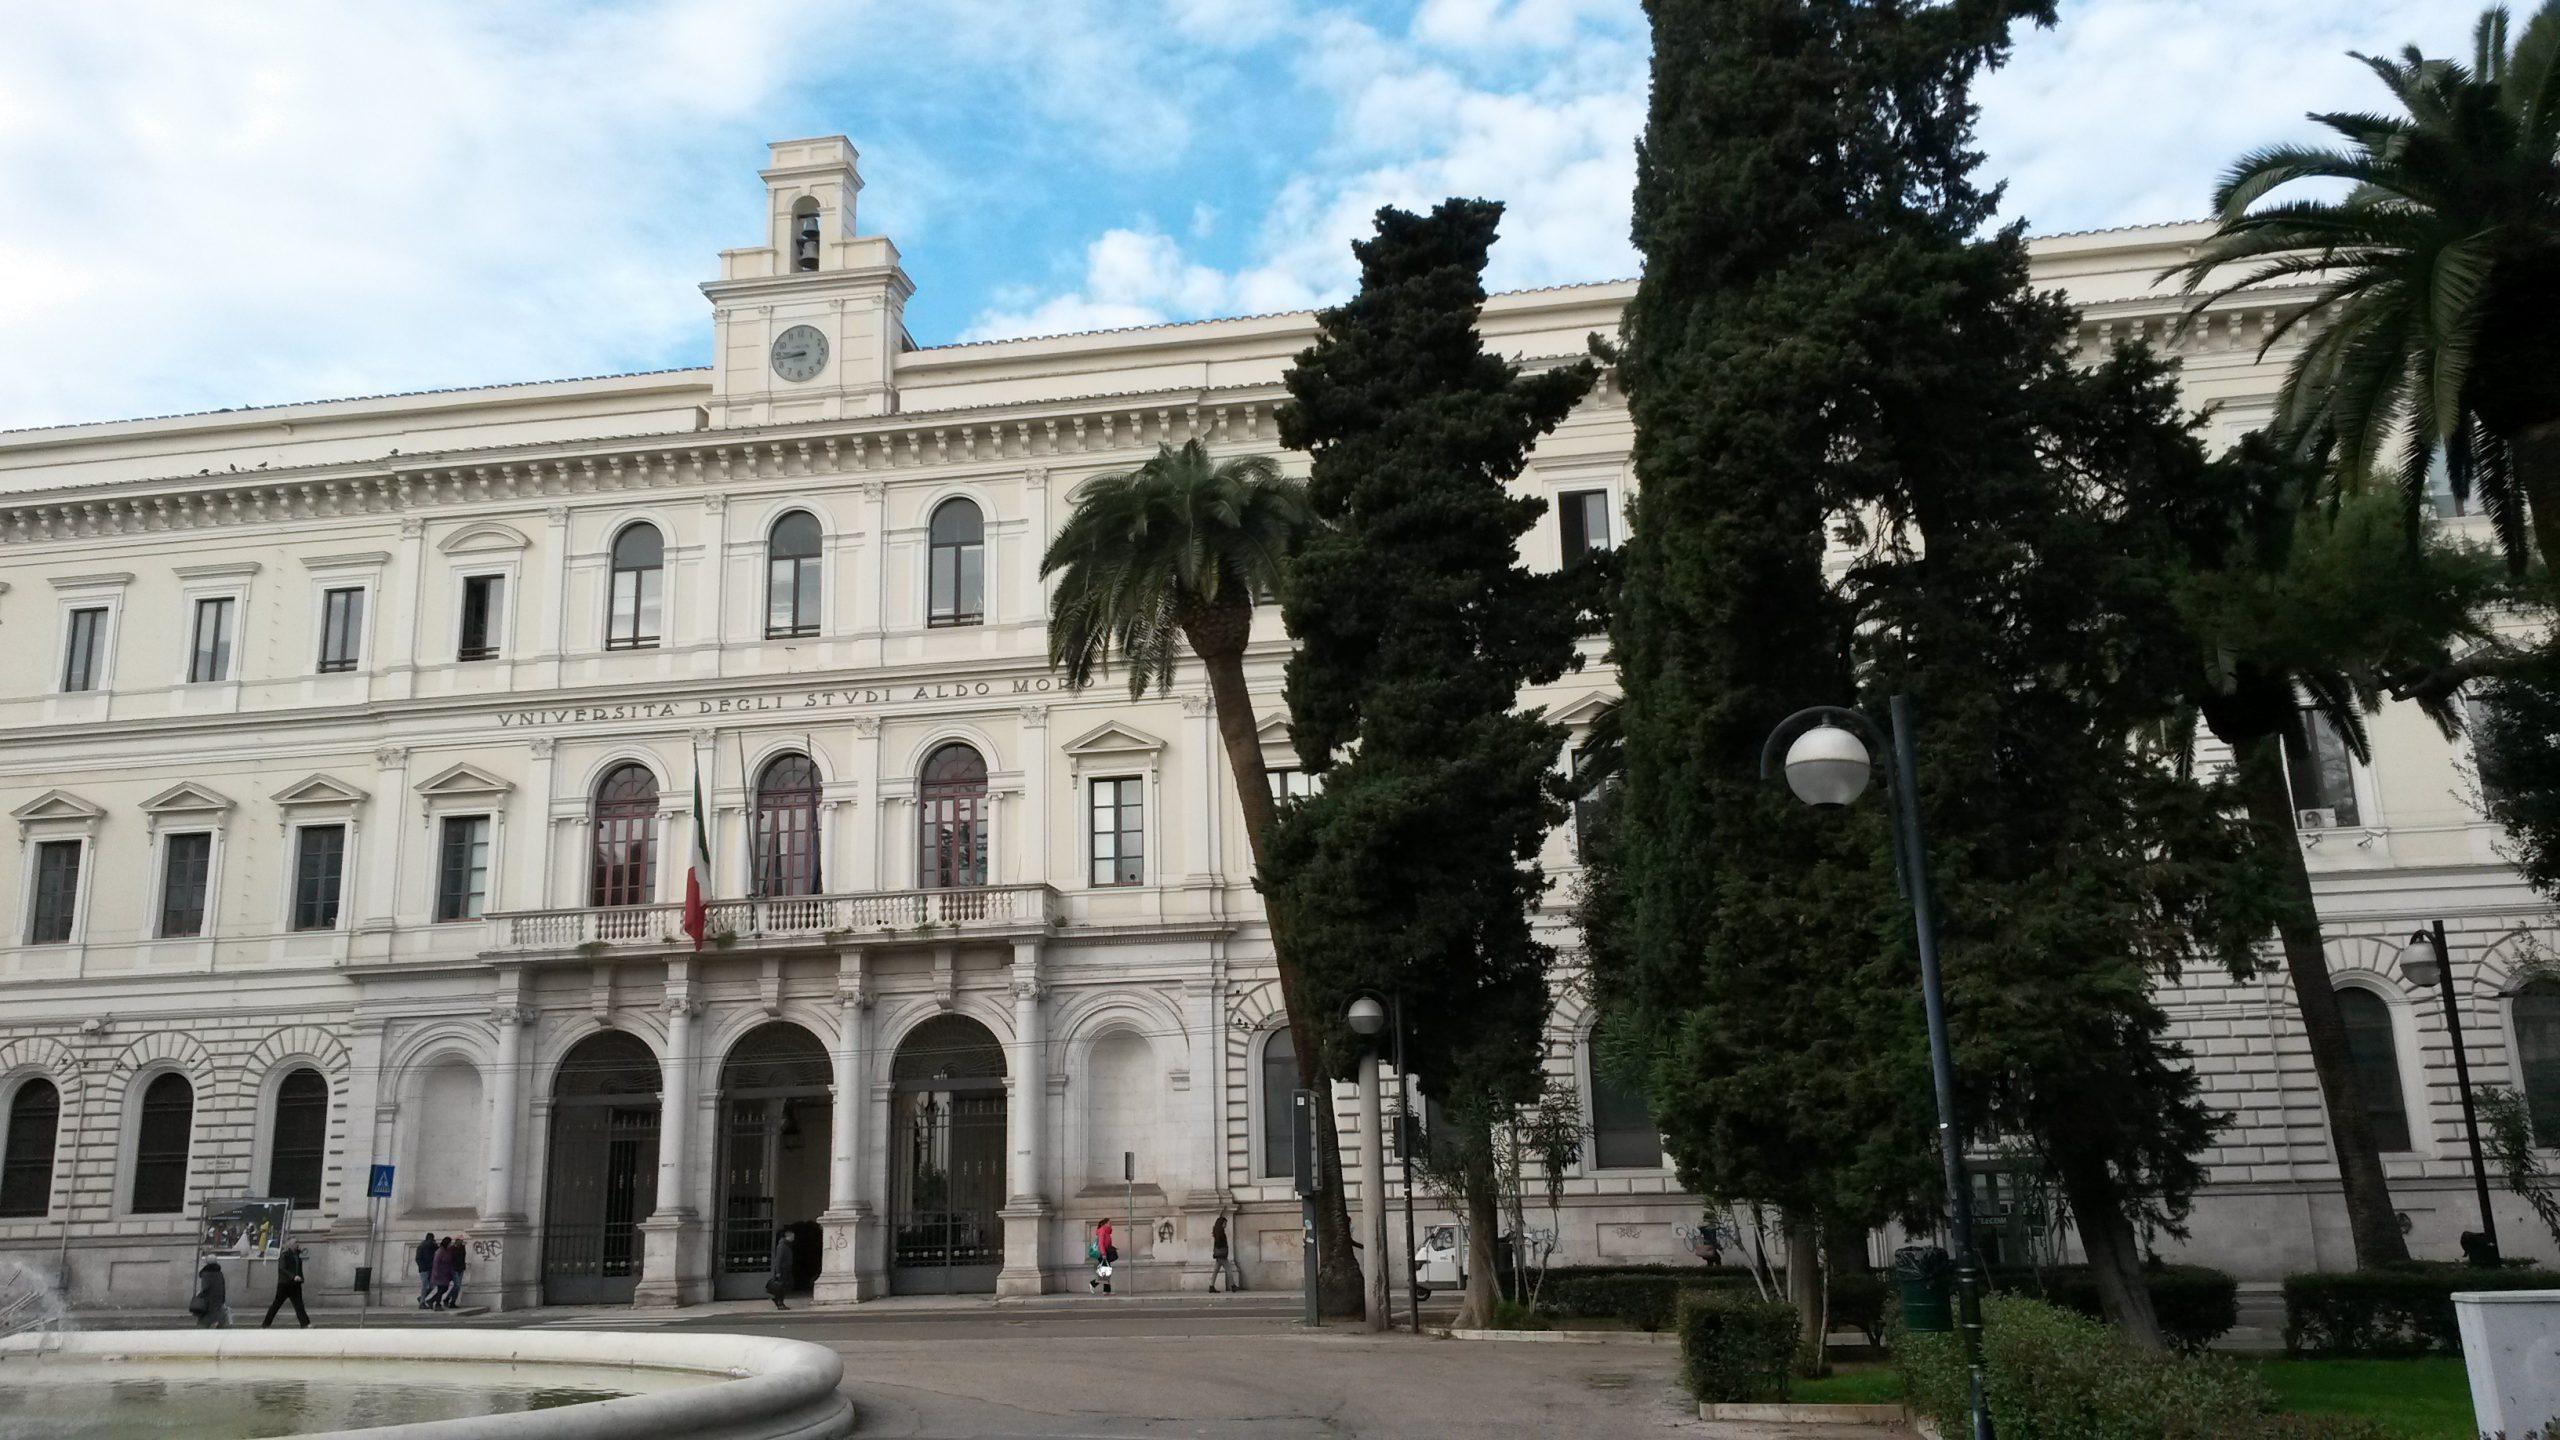 Università Bari